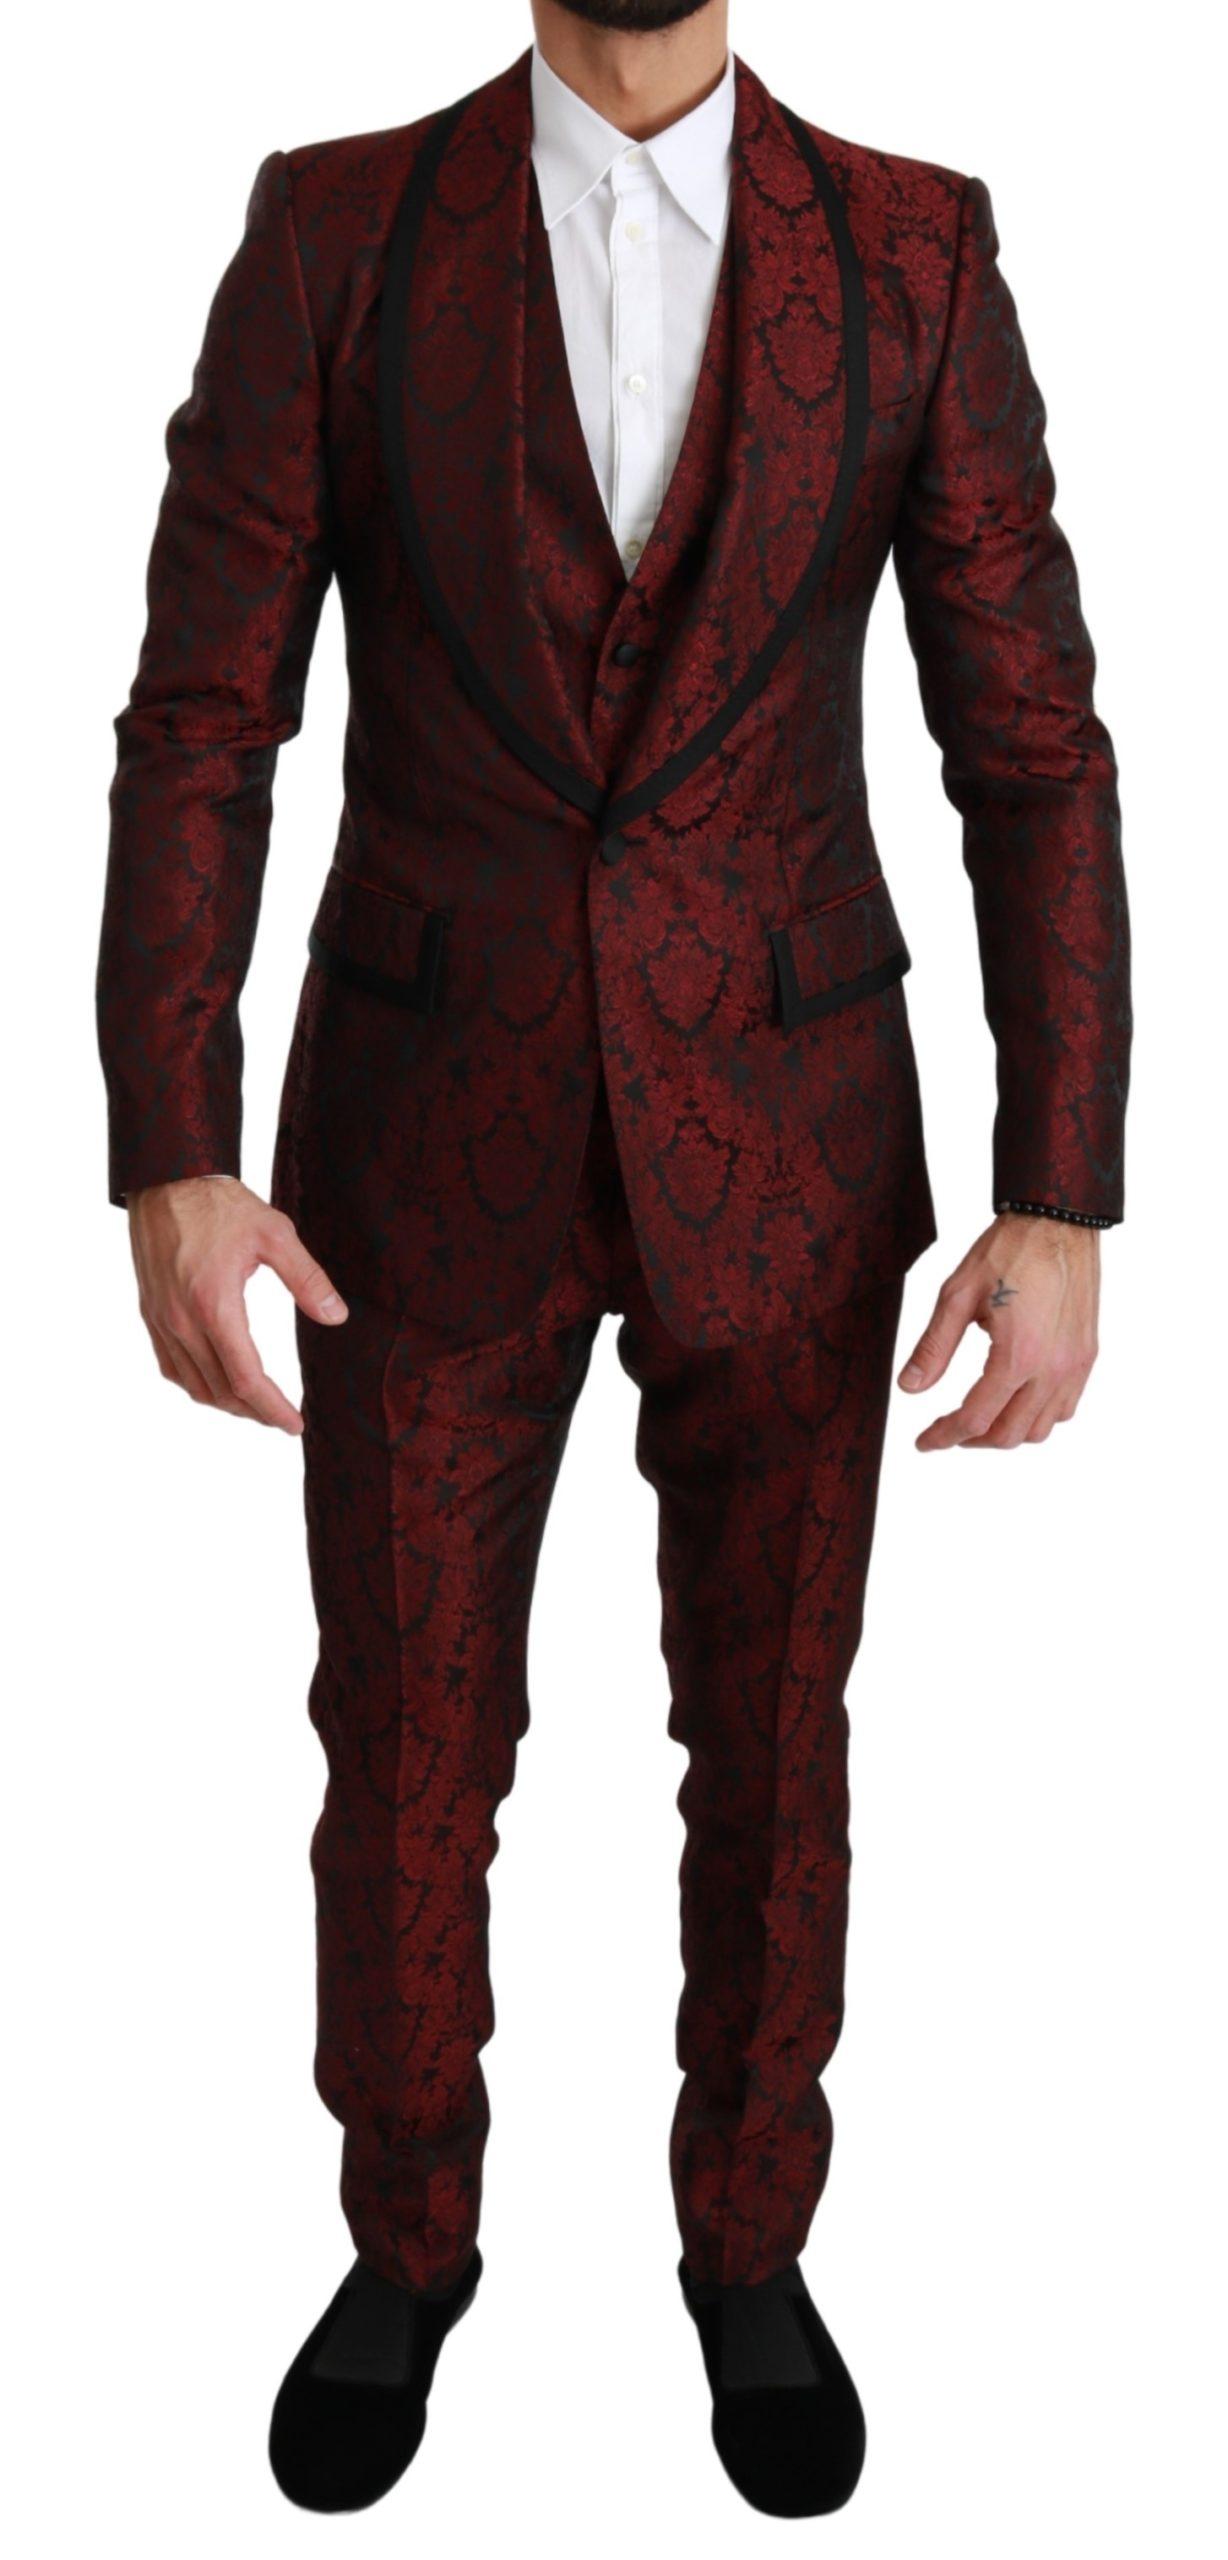 Dolce & Gabbana Men's Jacquard Floral Pattern 3 Piece Suit Bordeaux KOS1671 - IT44   XS